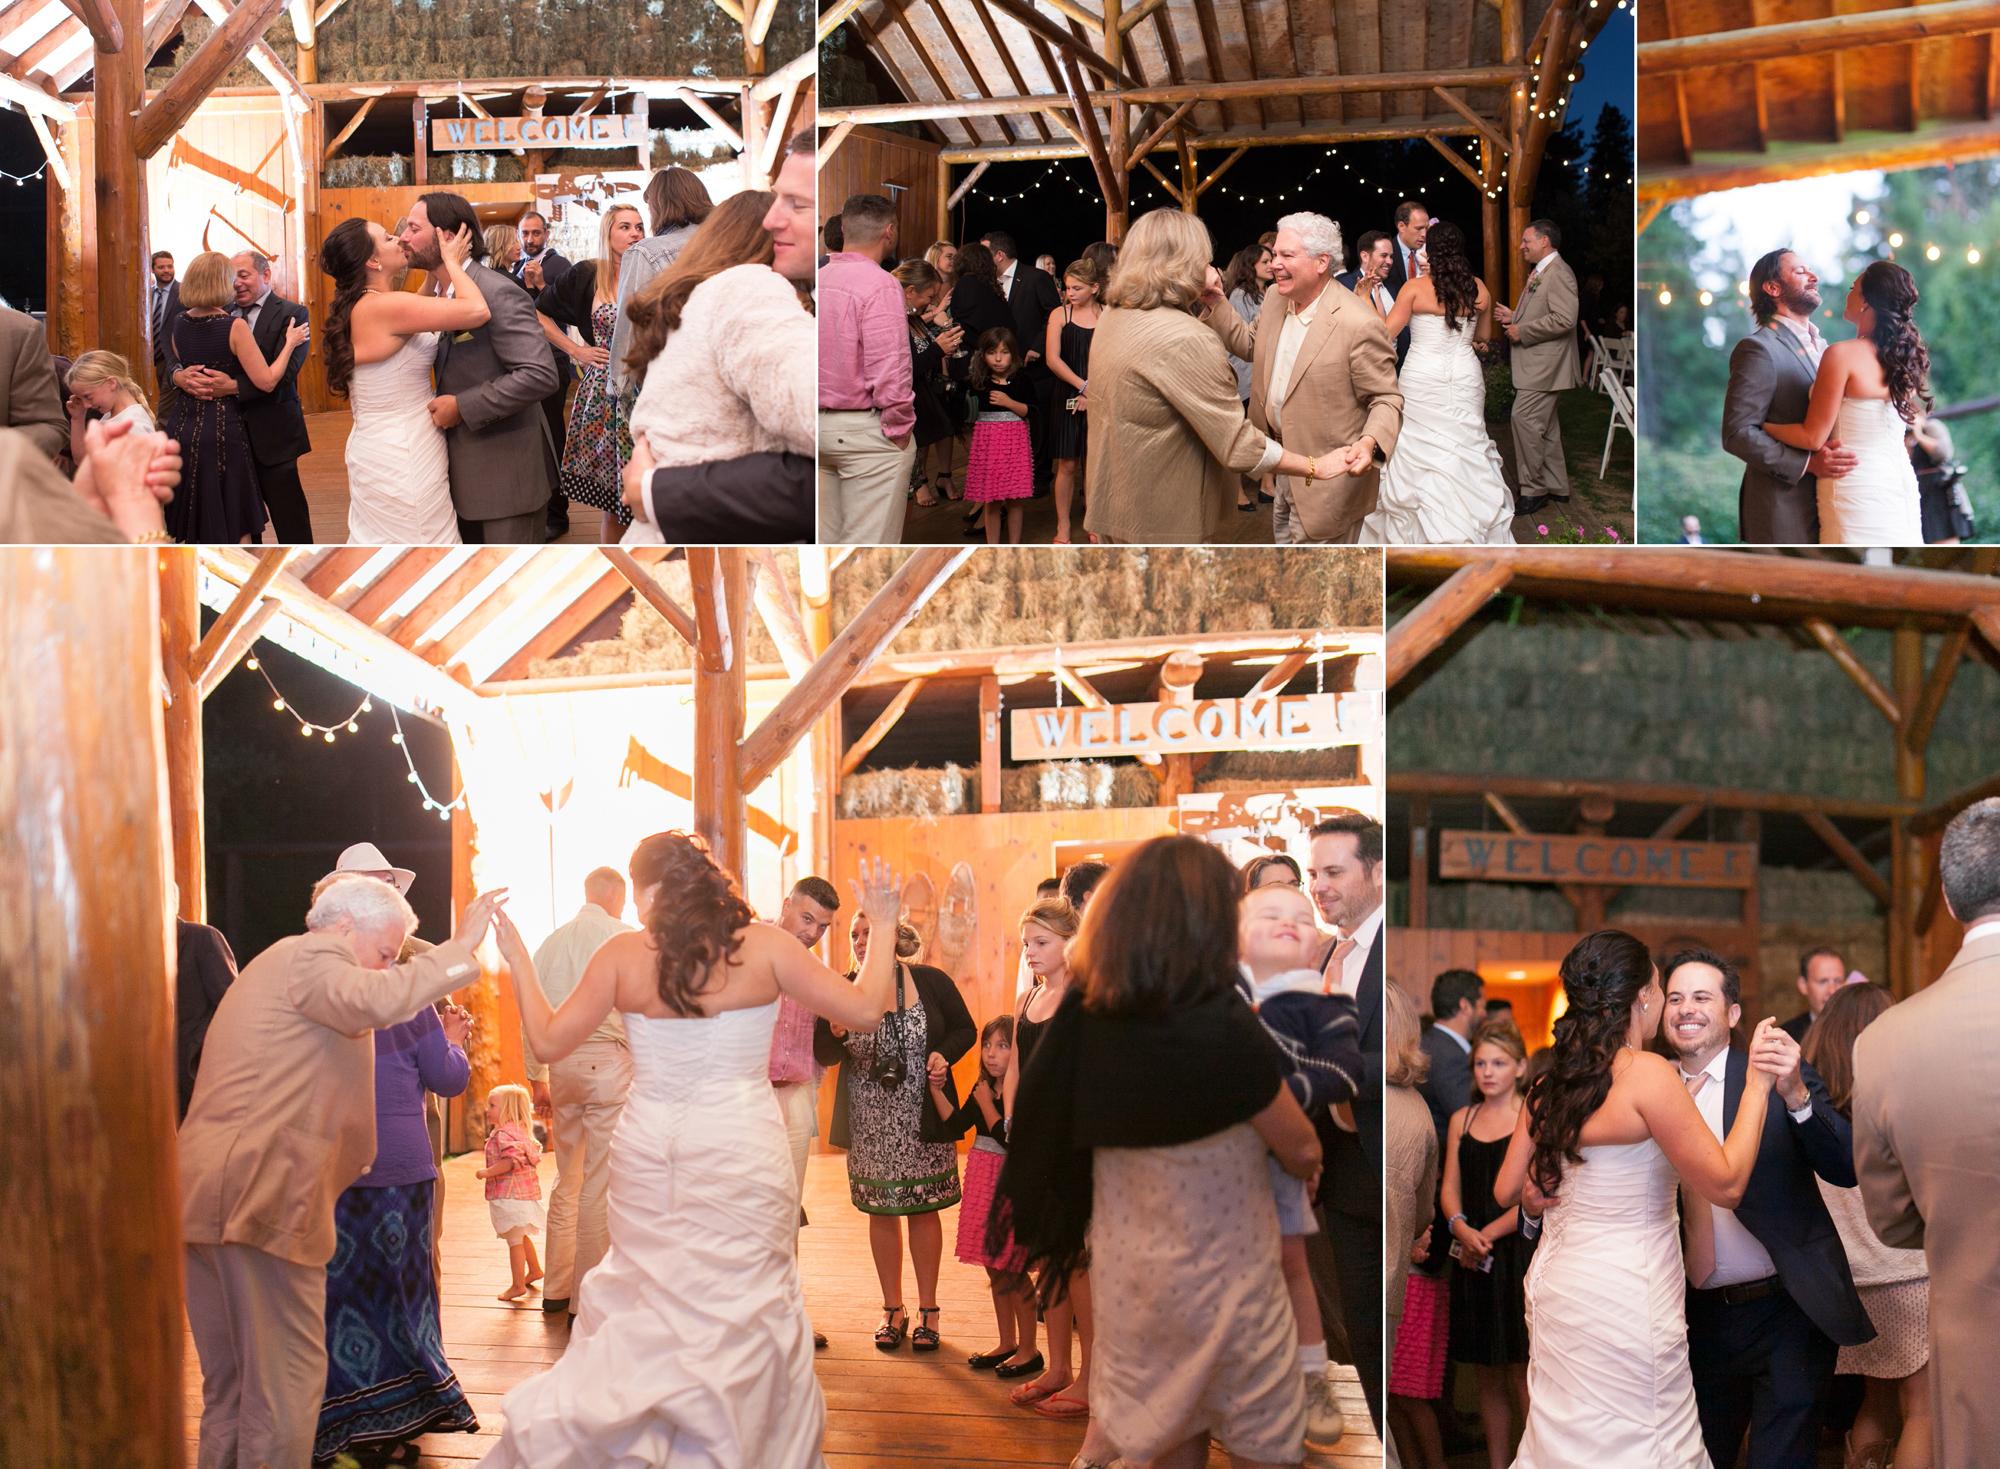 ashley vos photography seattle tacoma area wedding photographer_0838.jpg